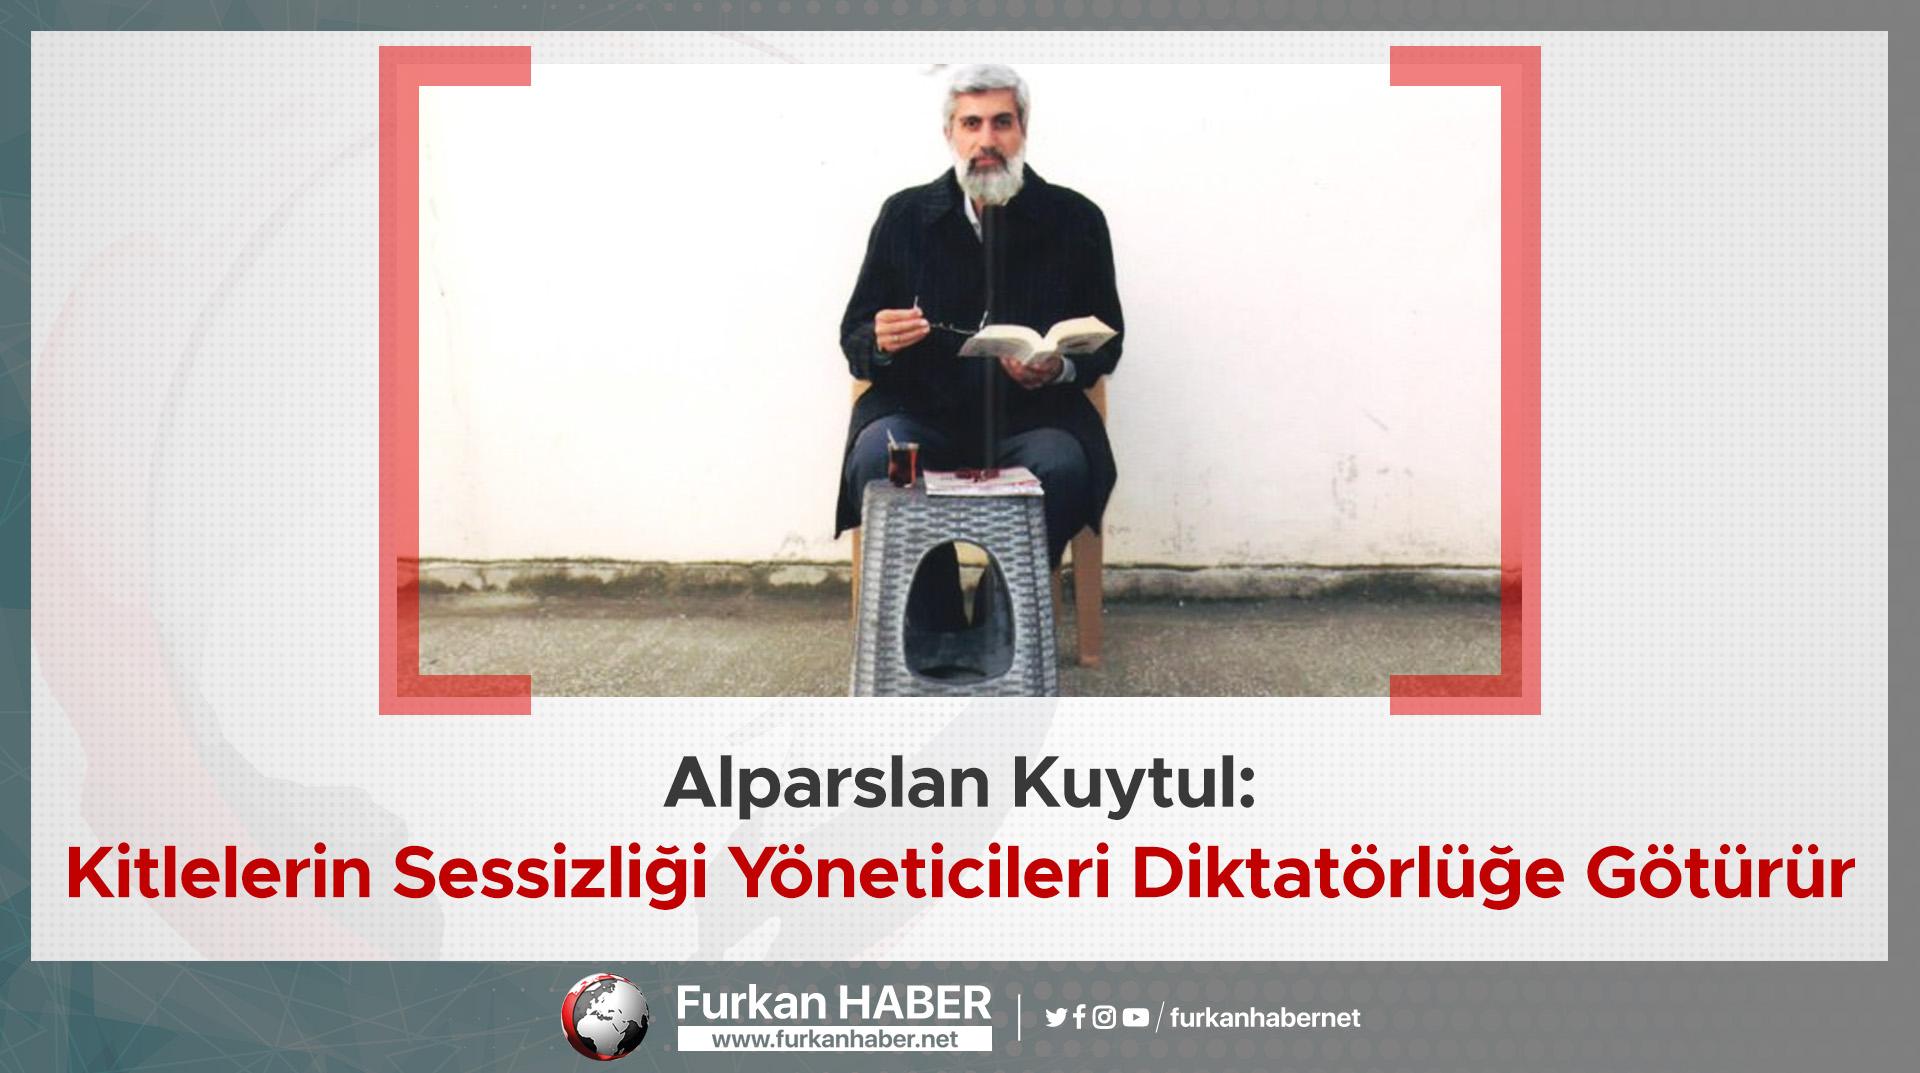 Alparslan Kuytul: Kitlelerin Sessizliği Yöneticileri Diktatörlüğe Götürür